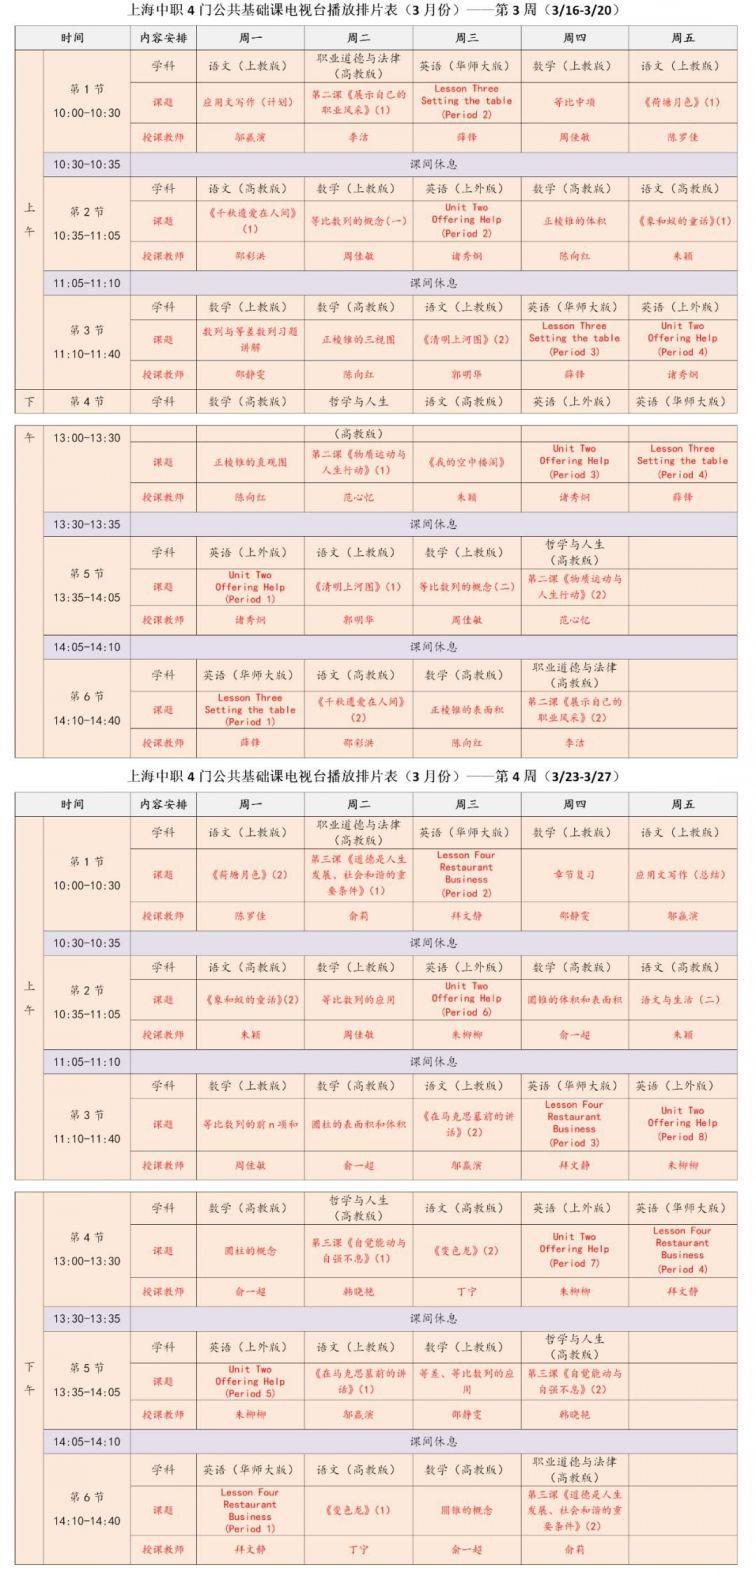 2020上(shang)海中職(zhi)線上(shang)教學公共基礎課課程表一覽